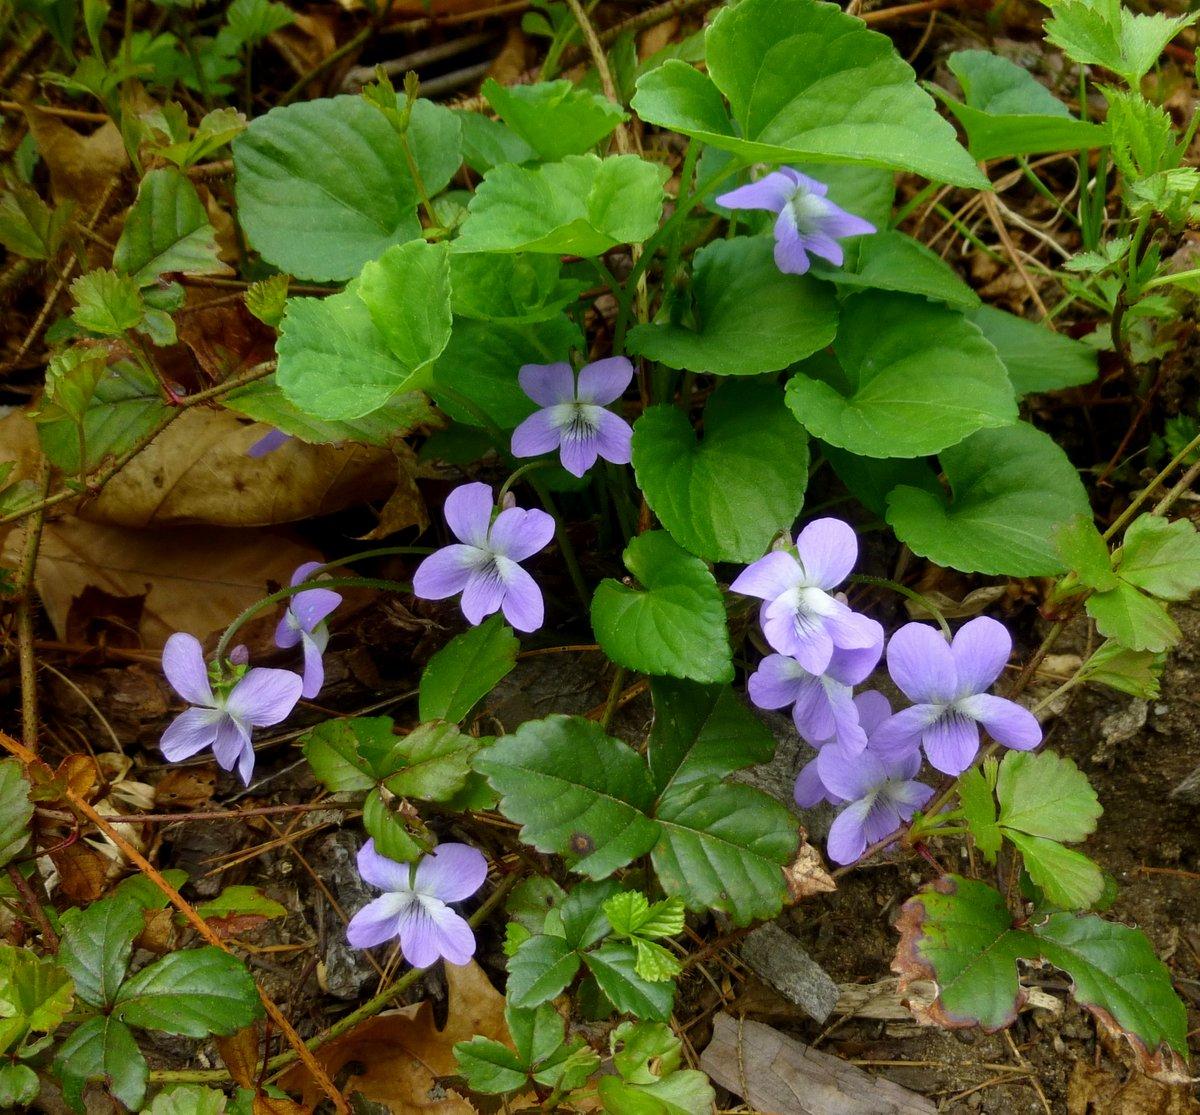 21. Violets